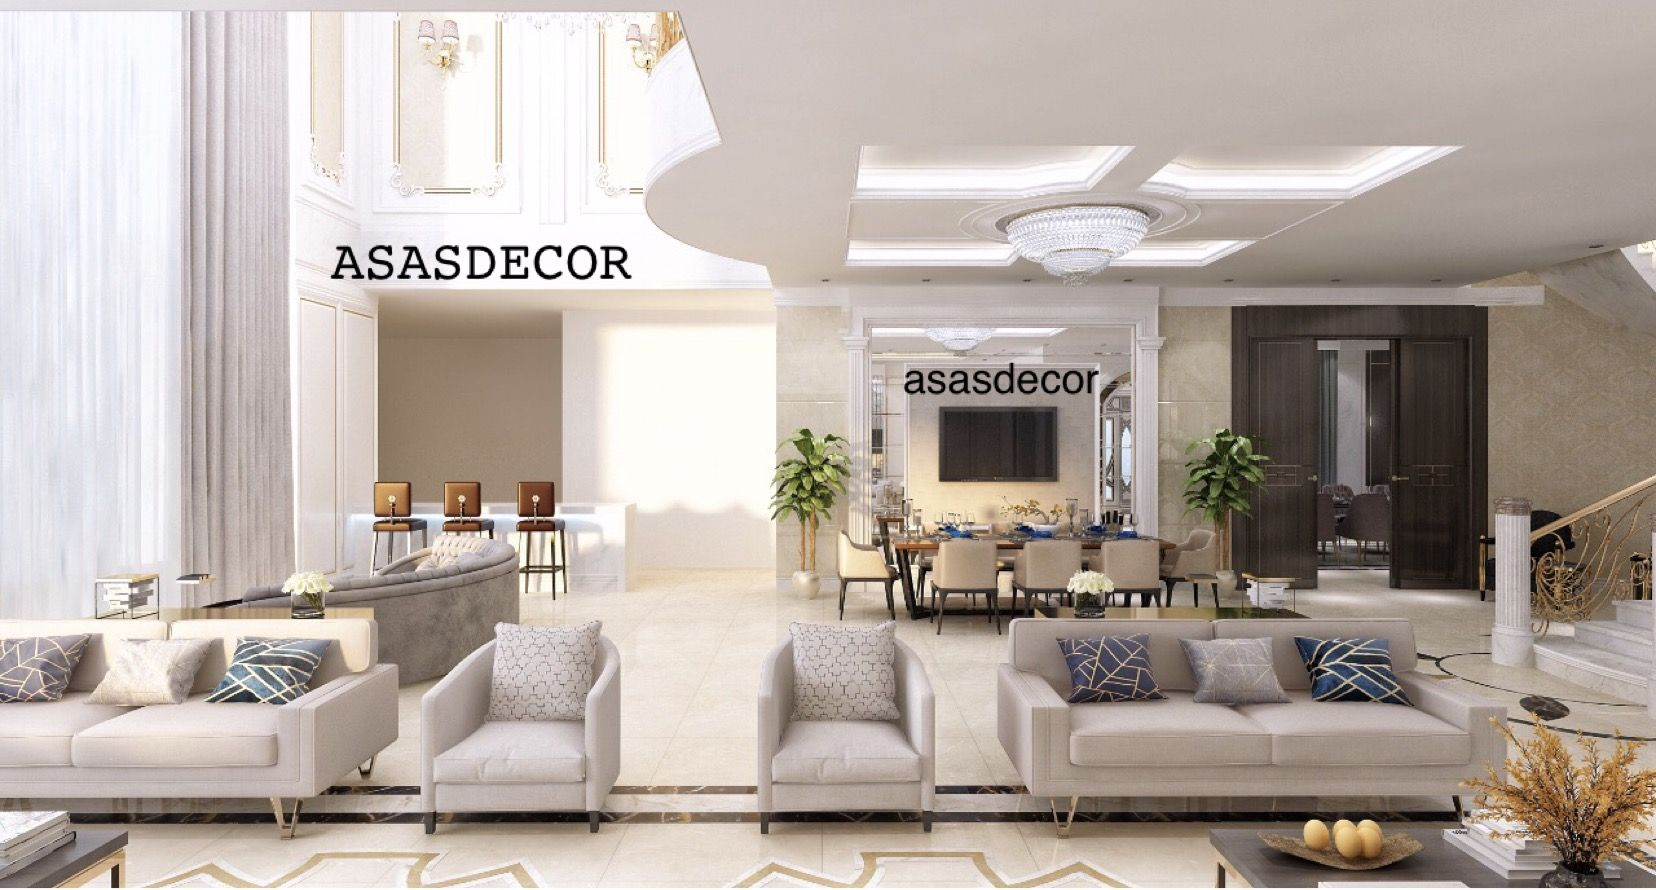 اساس الديكور متخصصون في التصميم الداخلي والخارجي مع التنفيذ والاشراف للتواصل 0506006668 تابعونا على السناب Asas Decor ديكور مجالس اثاث تصميم